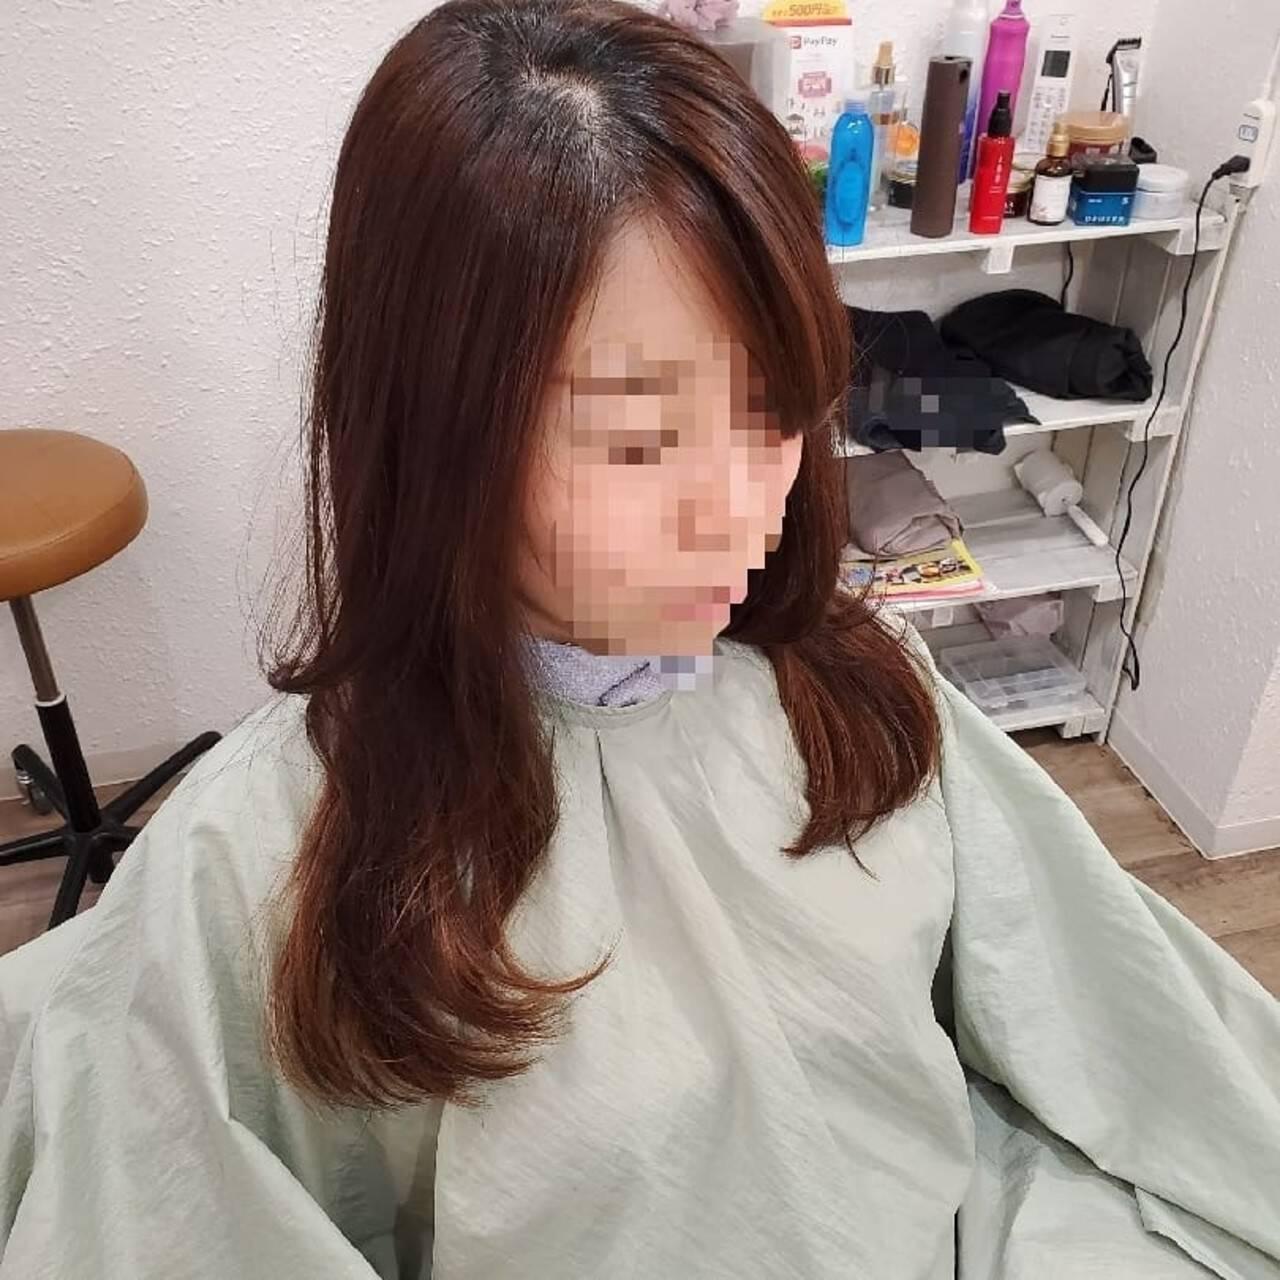 縮毛矯正ストカール ストカール 艶髪 縮毛矯正名古屋市ヘアスタイルや髪型の写真・画像